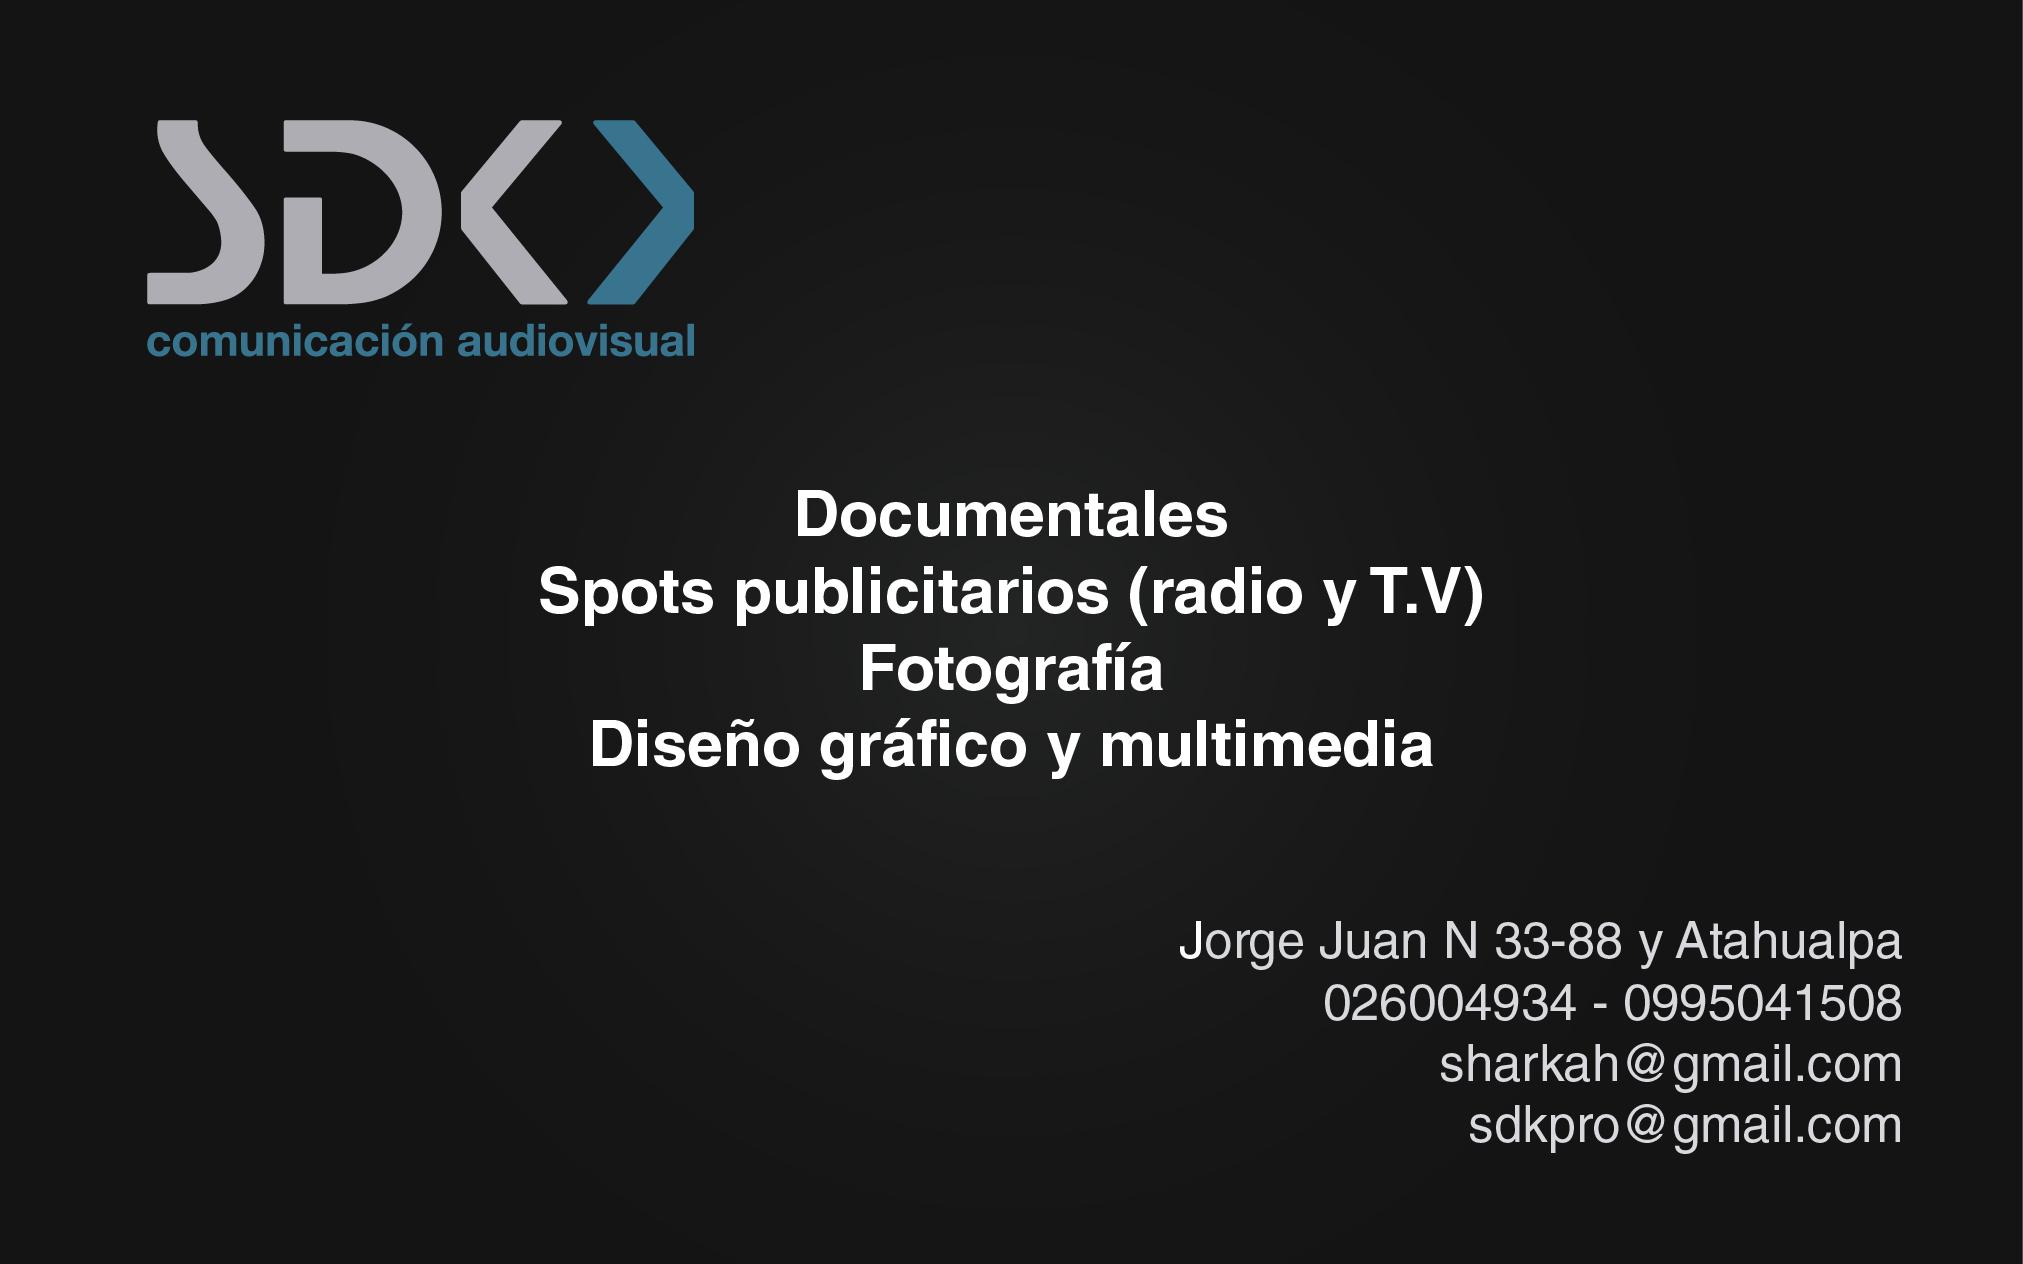 sdk publicidad